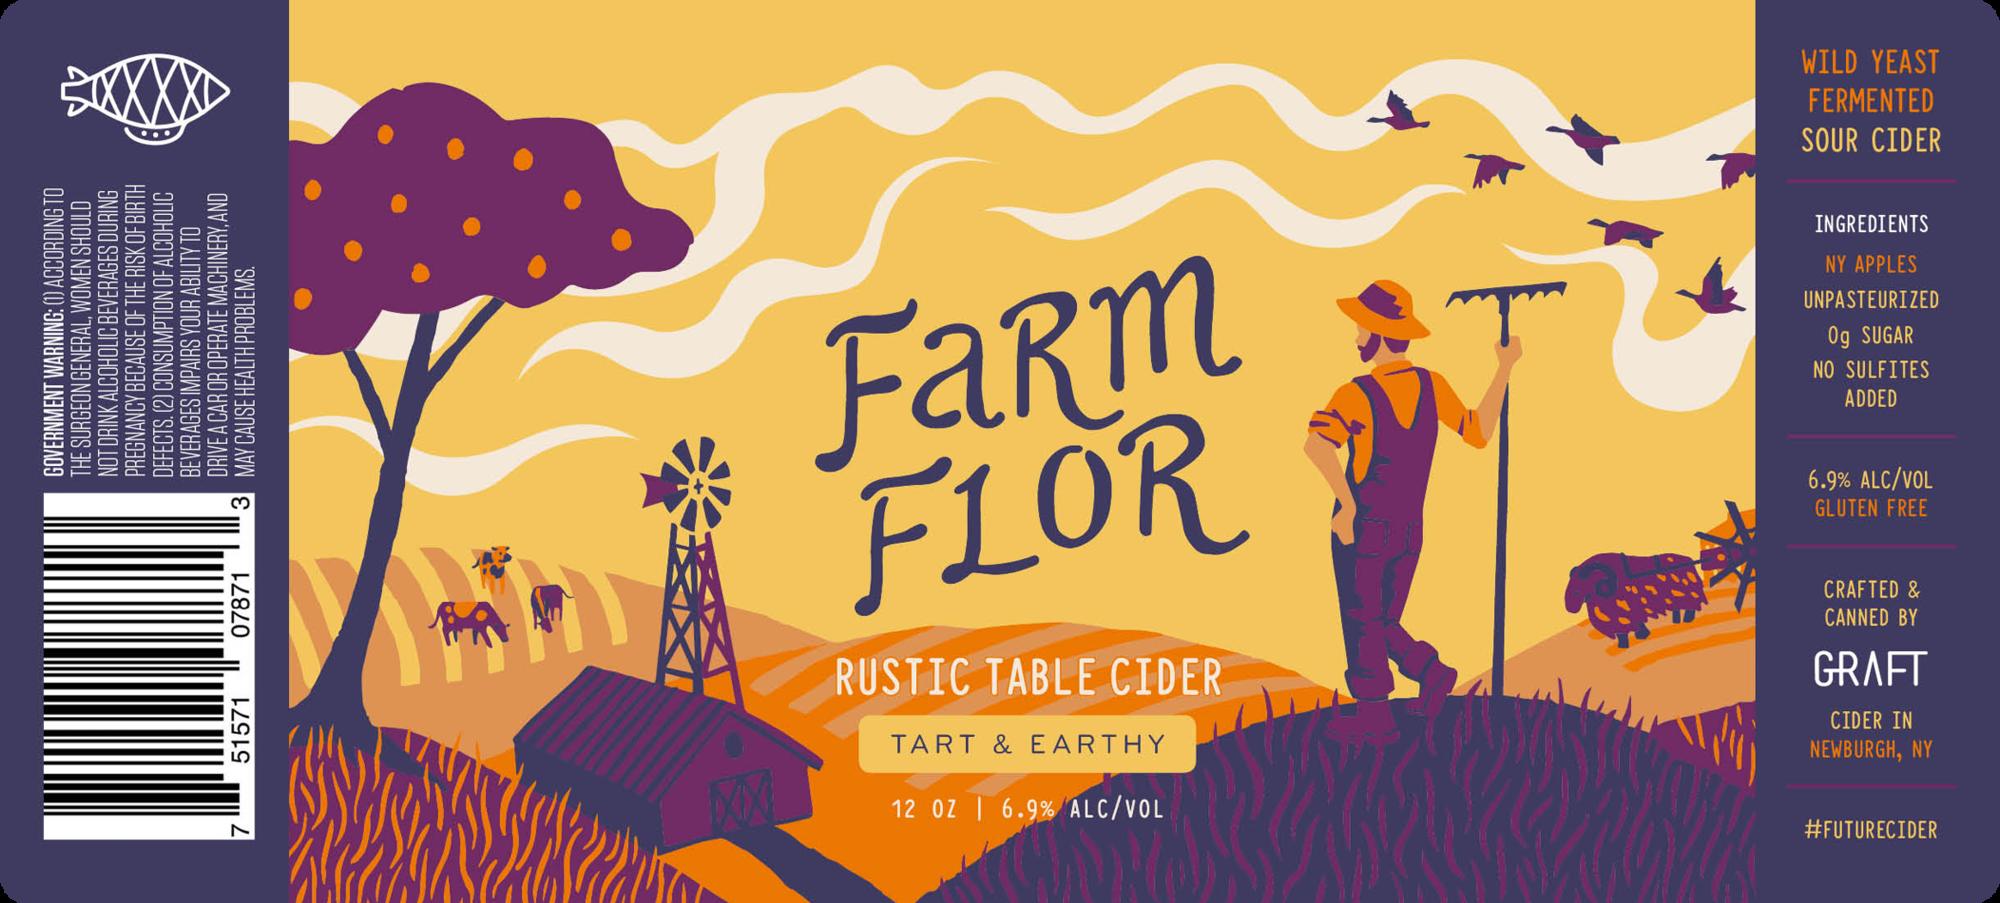 Graft Farm Flor beer Label Full Size